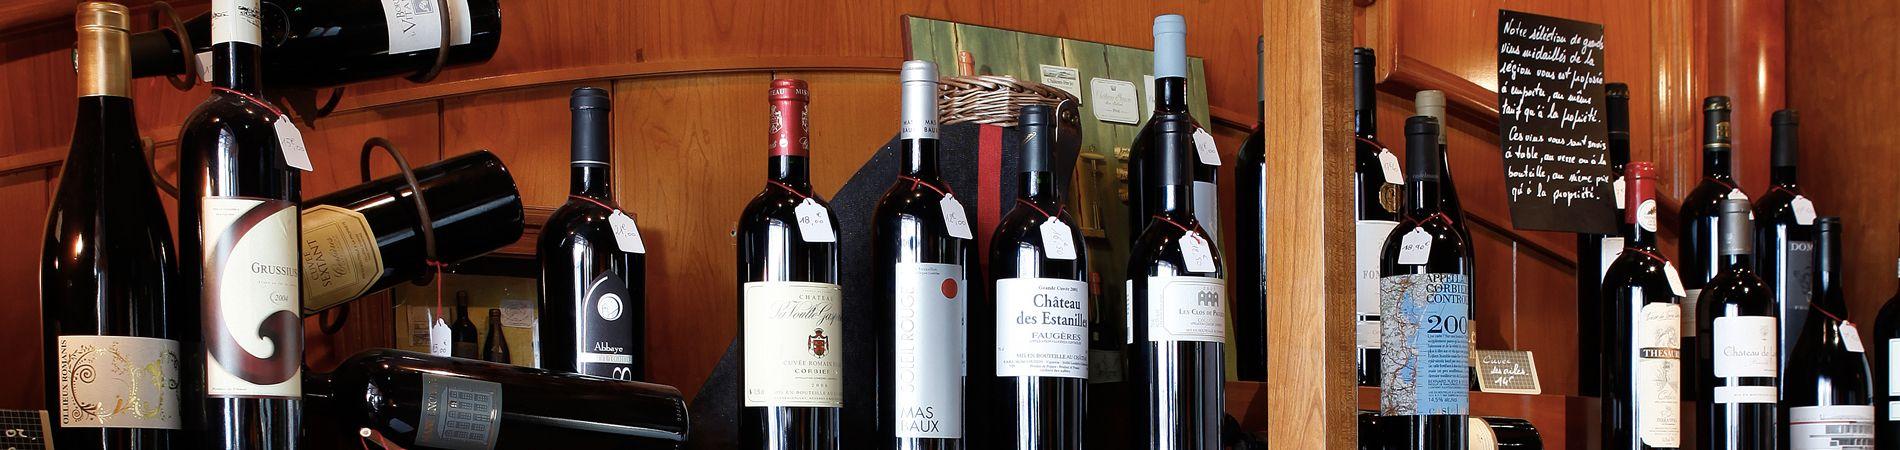 Les plus grands vins des producteurs du Languedoc-Roussillon